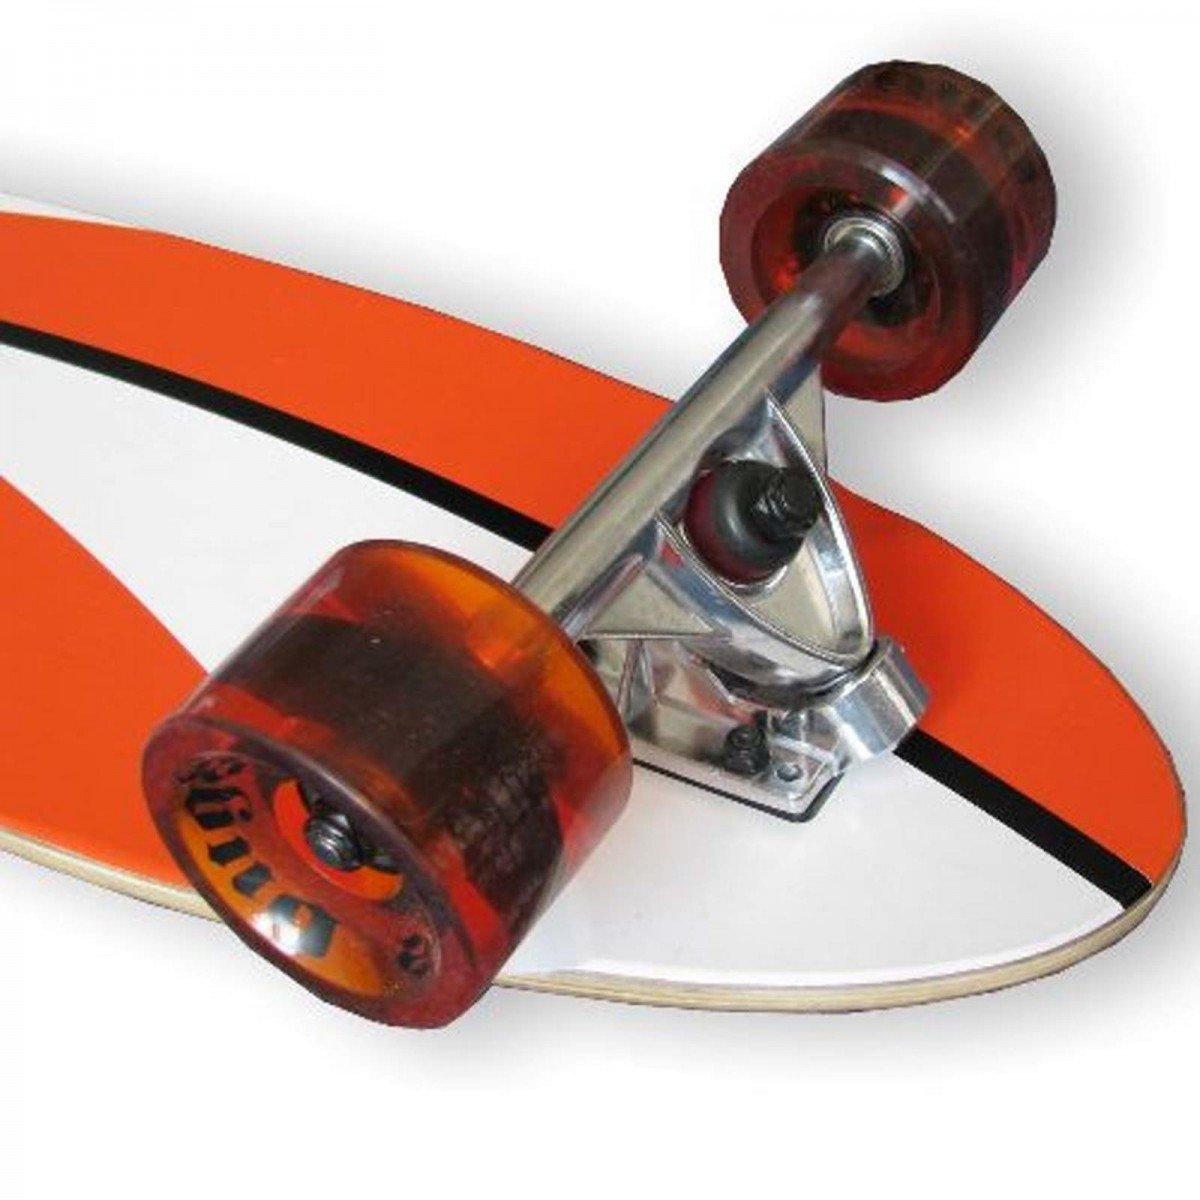 BUGZ Skateboard Longboard Cruiser 117 komplettes Longboard